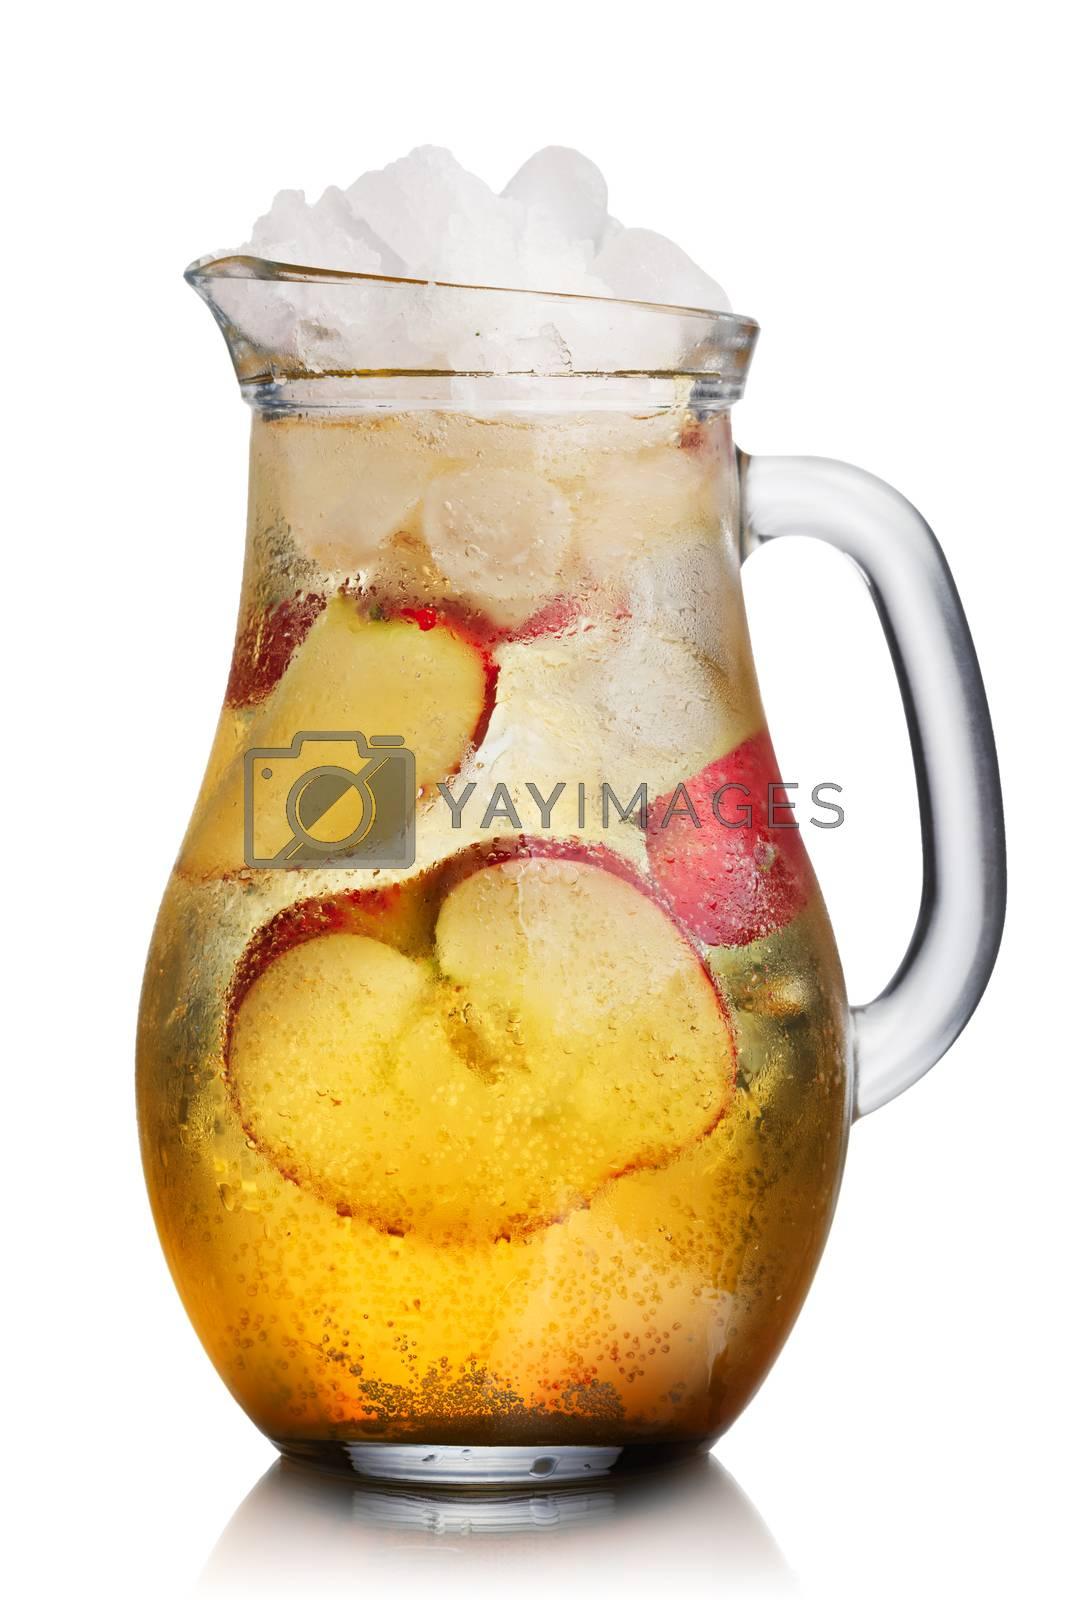 Apple spritzer (apfelschorle) pitcher by maxsol